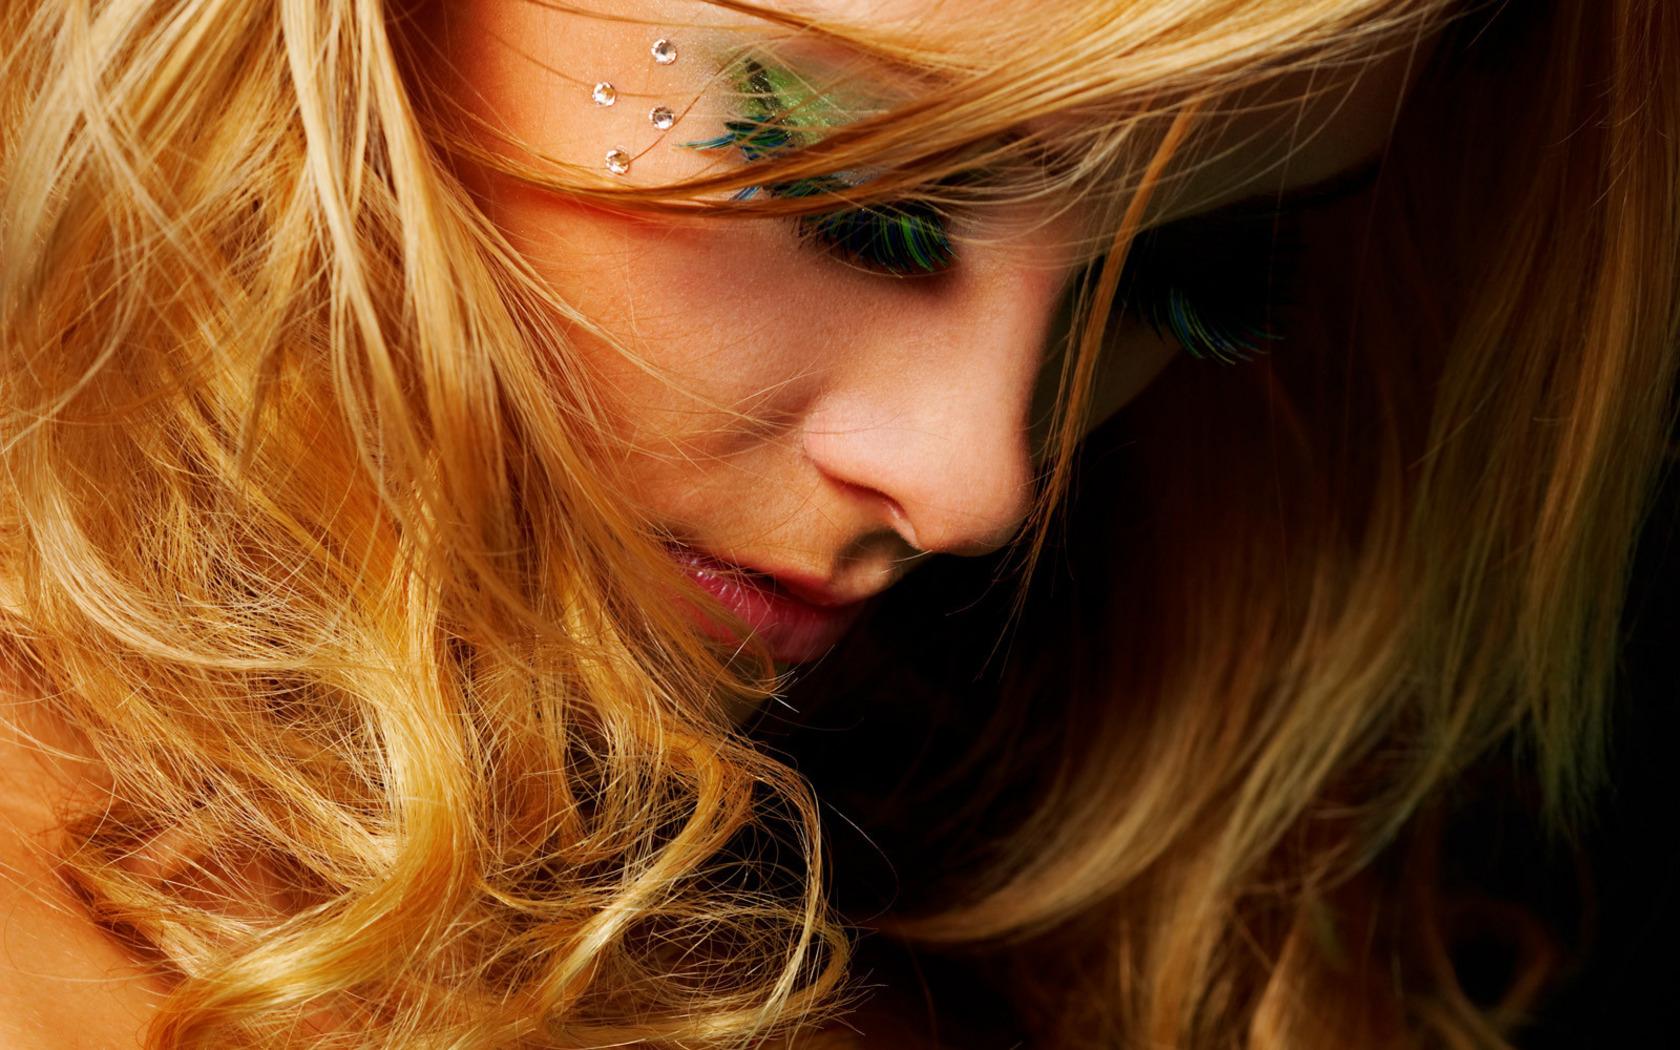 foto-kartinki-devushek-rizhih-i-blondinok